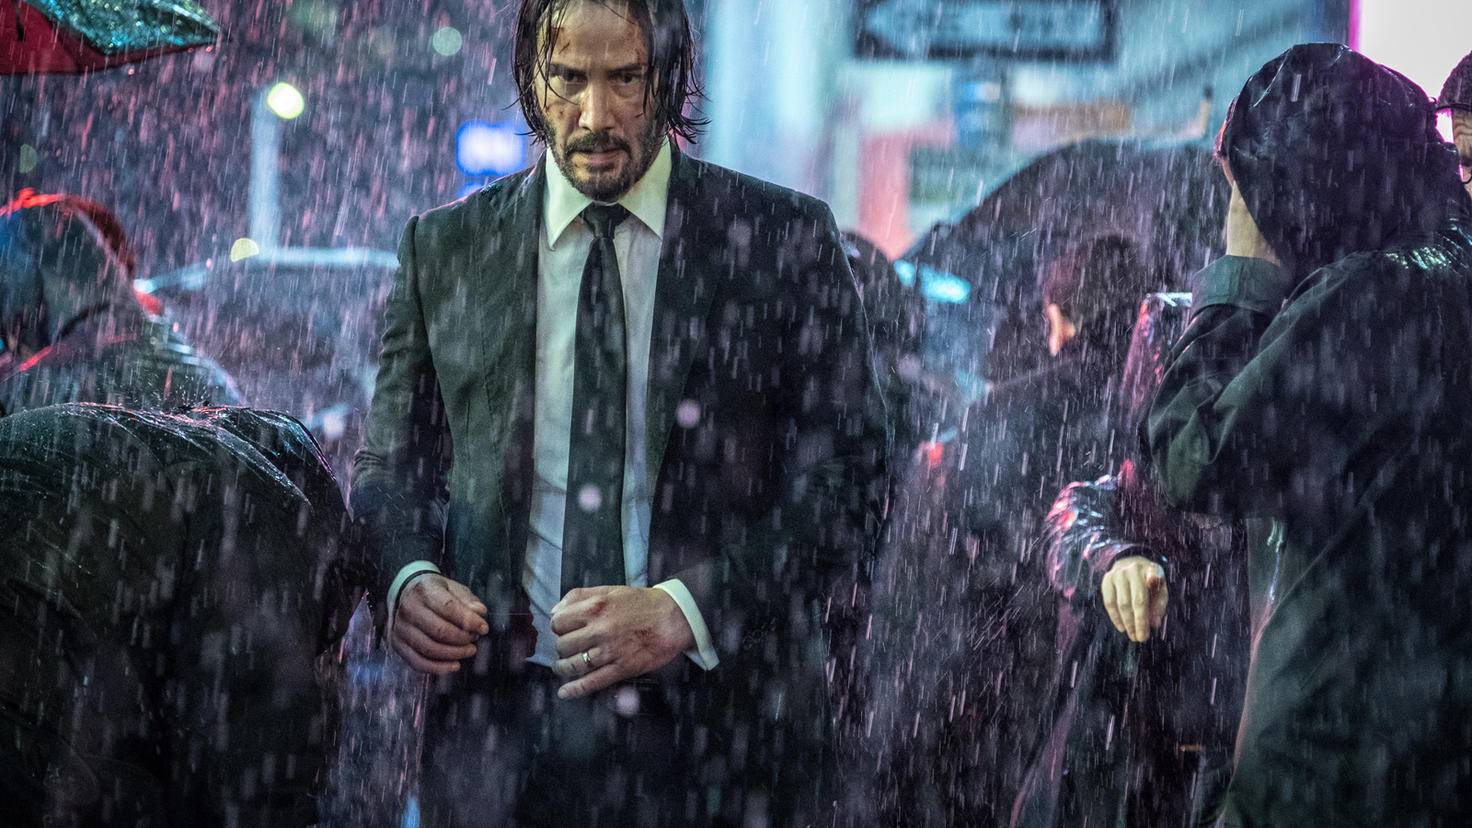 John Wick 3-Niko Tavernise-Lionsgate